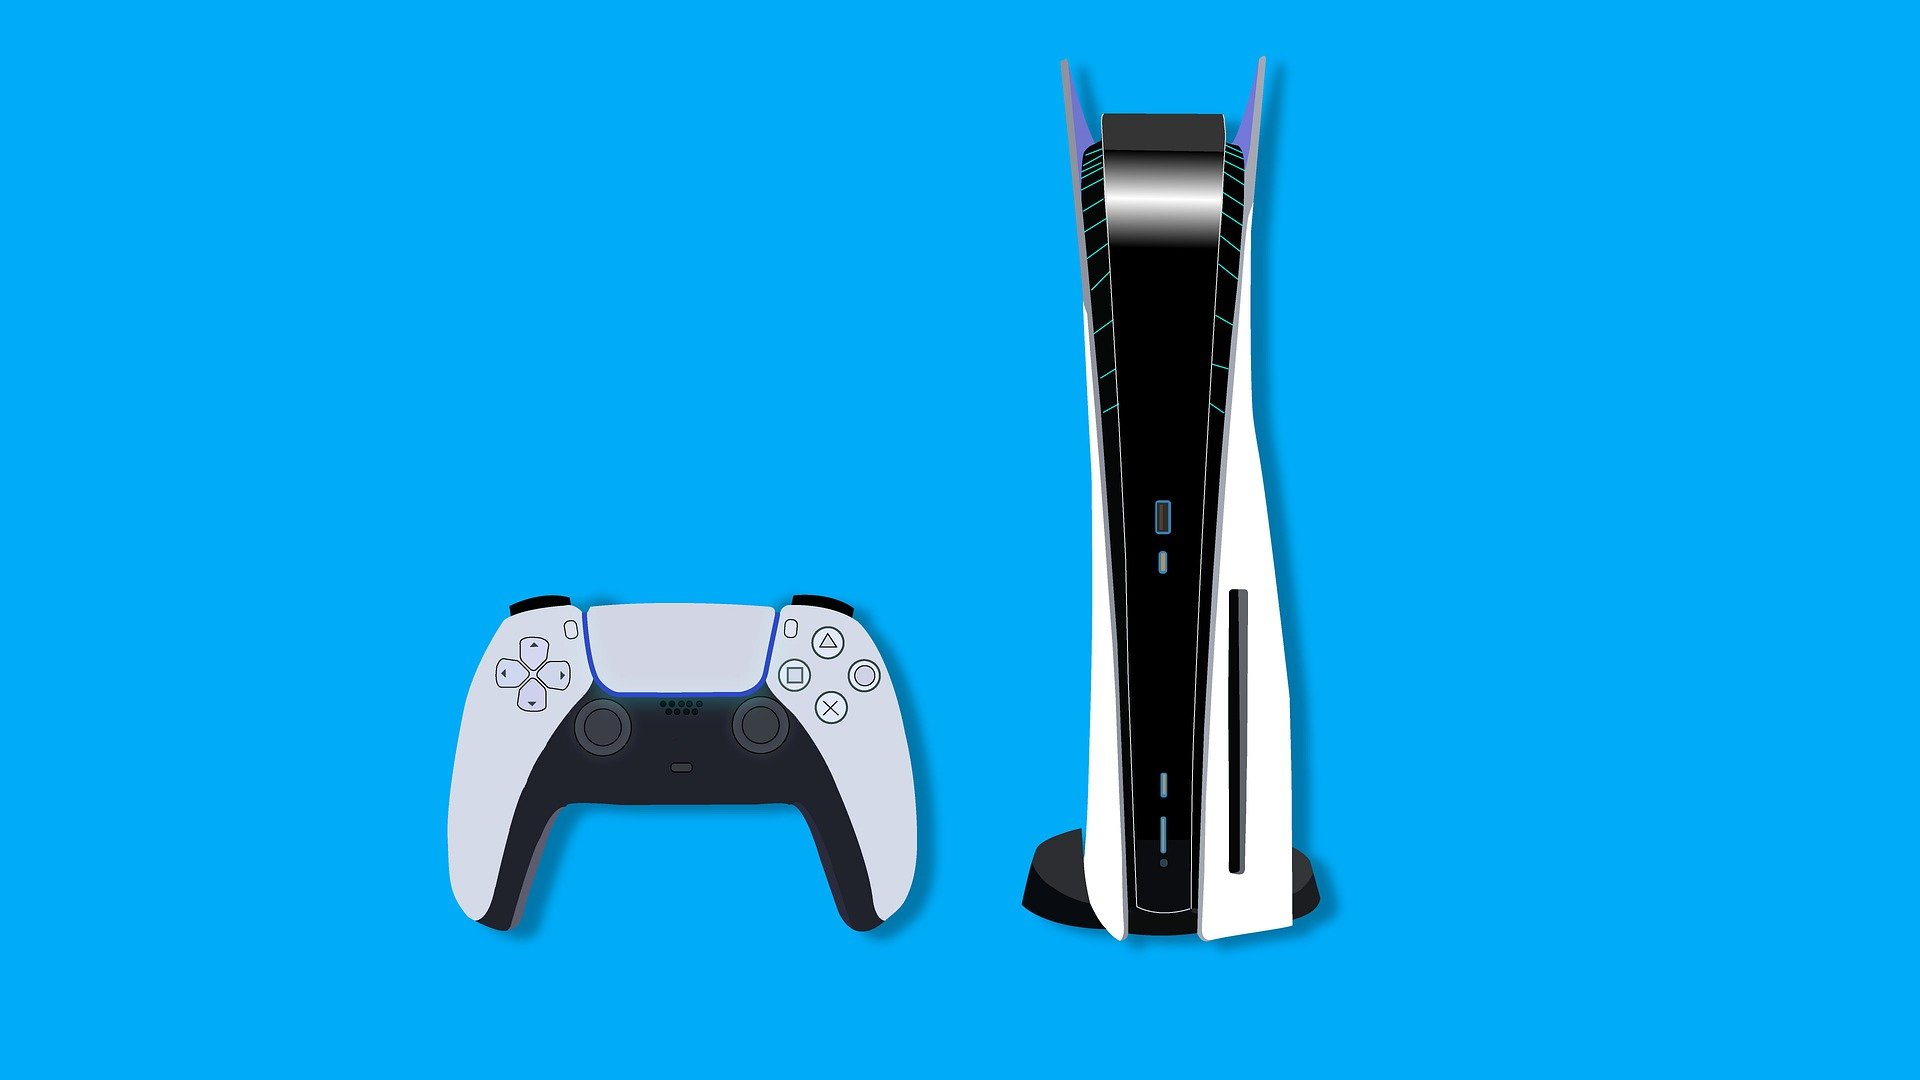 Ce qu'il faut savoir sur la Playstation 5 ou PS5